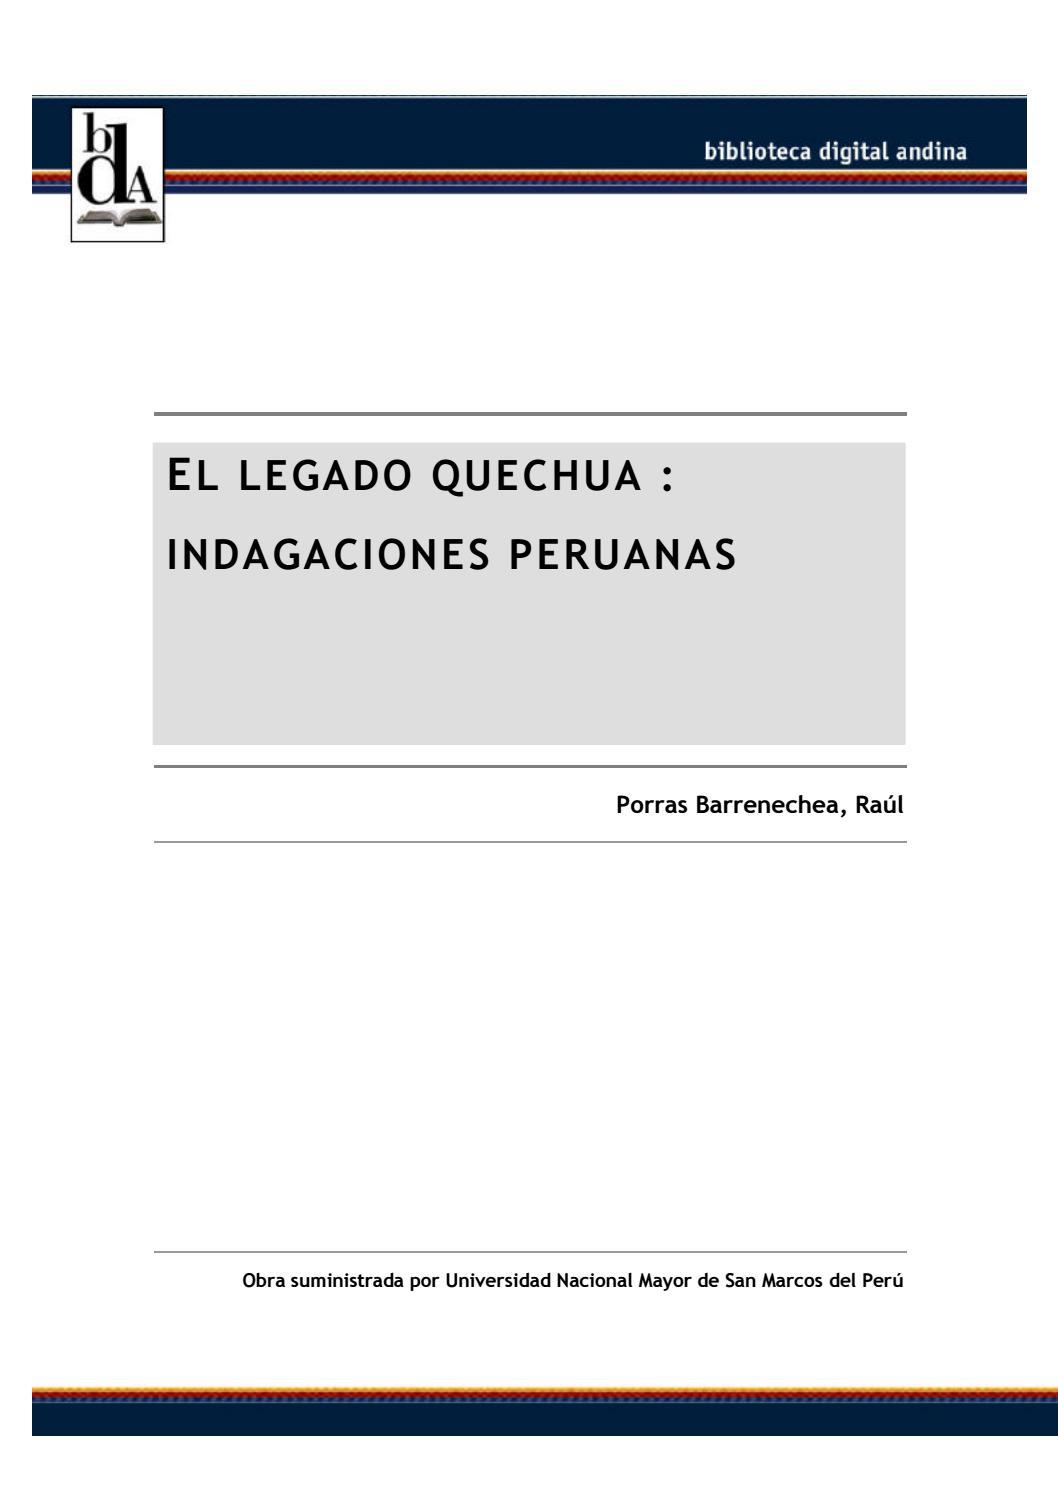 c5802b22d9 El legado quechua by gin b cárdenas - issuu